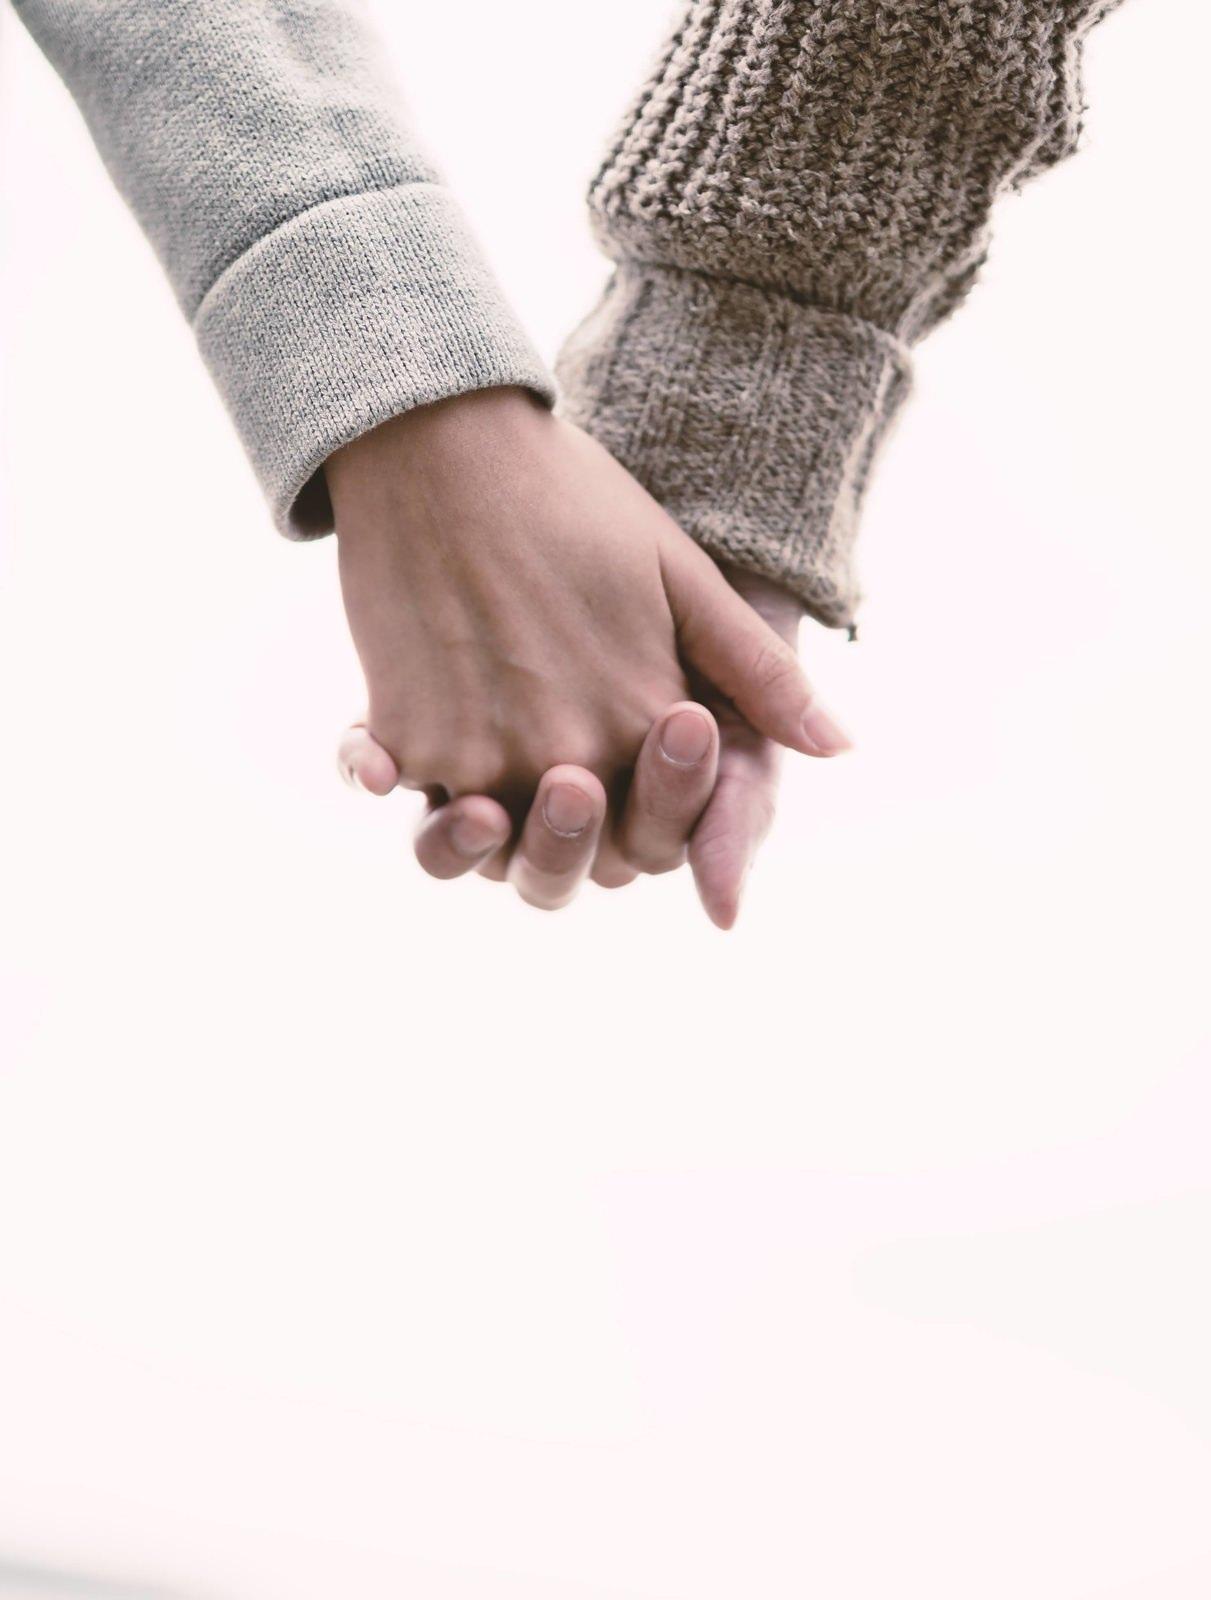 受験と恋愛の両立に悩む中高生へのメッセージ